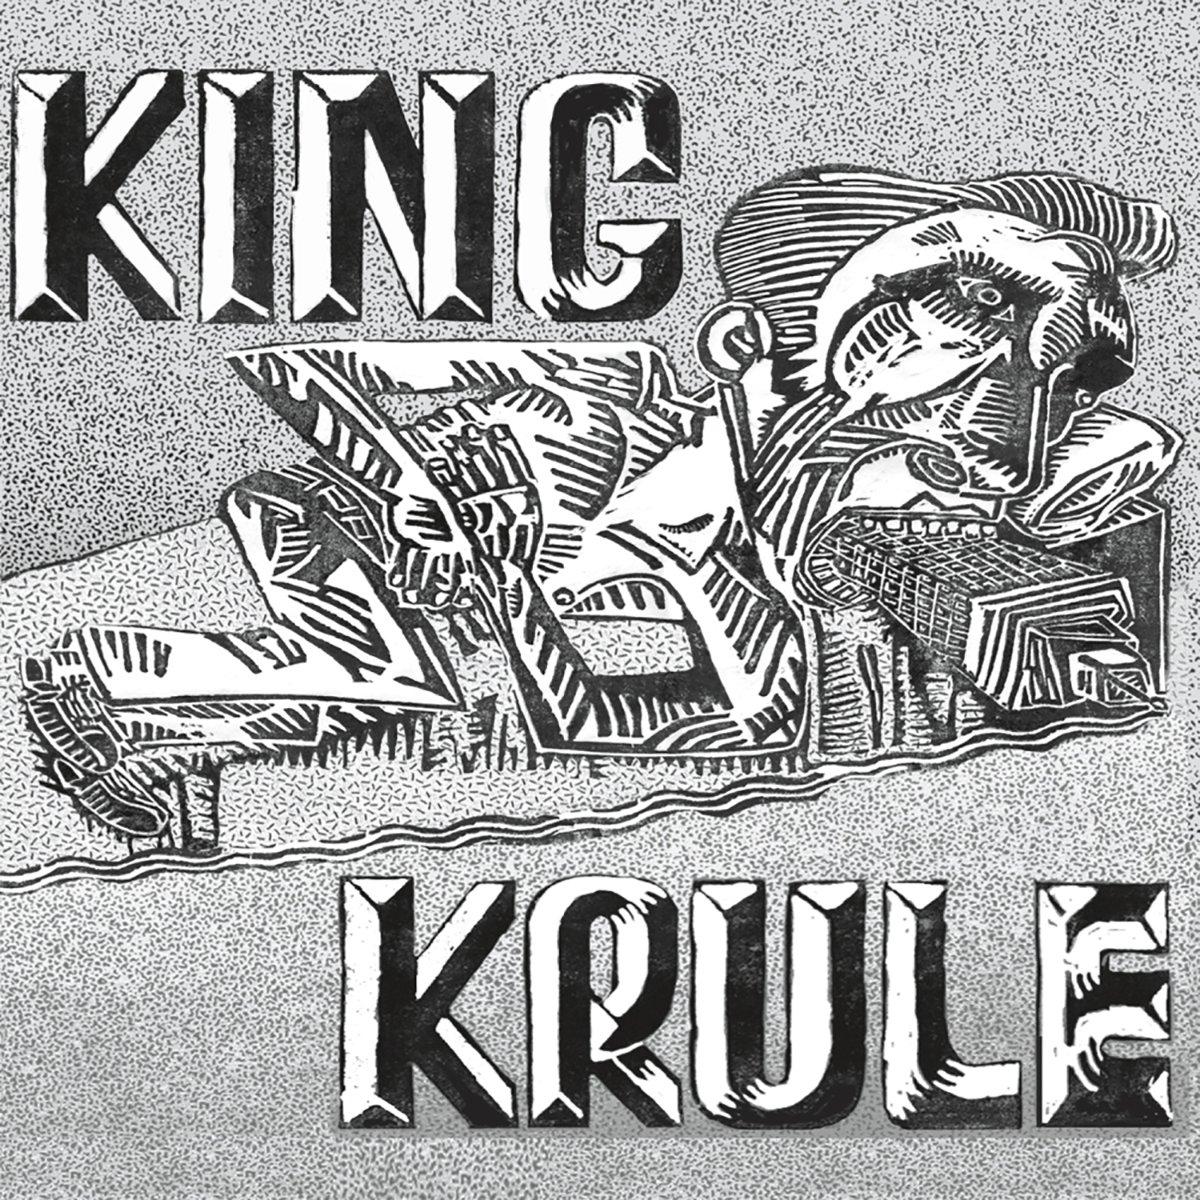 King Krule, King Krule